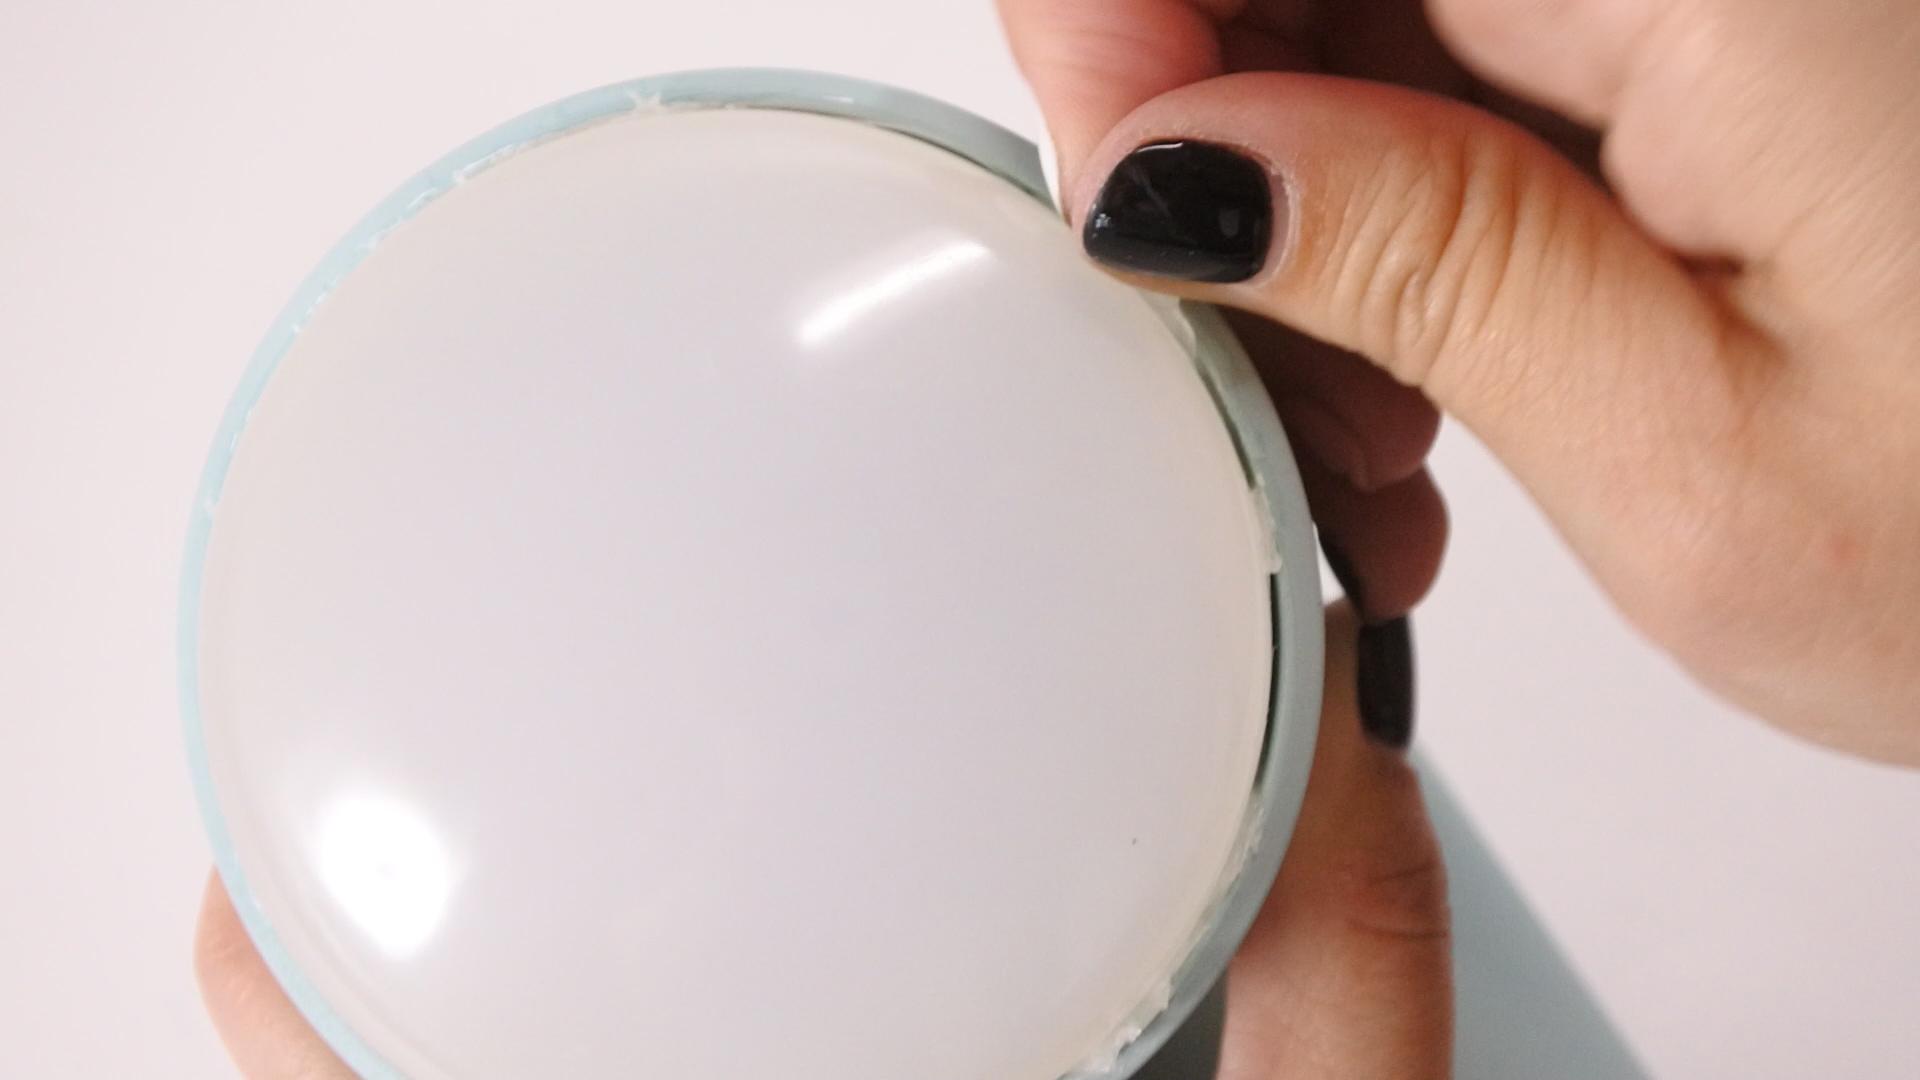 DIY CODOS PVC.Imagen fija025